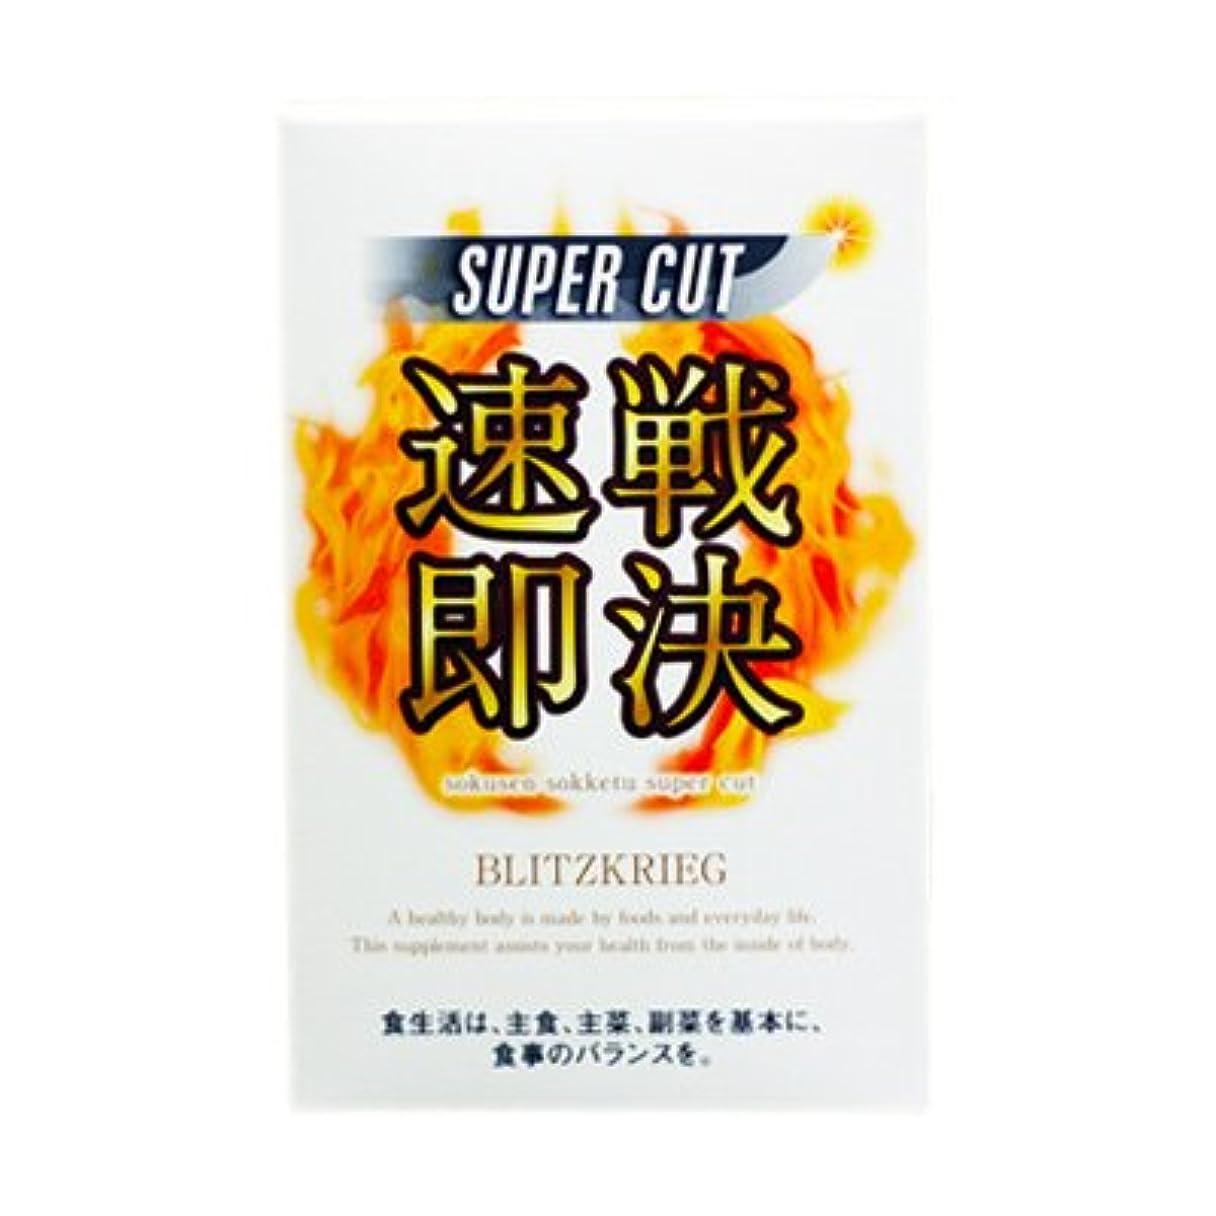 受信道を作る光電速戦即決 スーパーカット そくせんそっけつ SUPER CUT